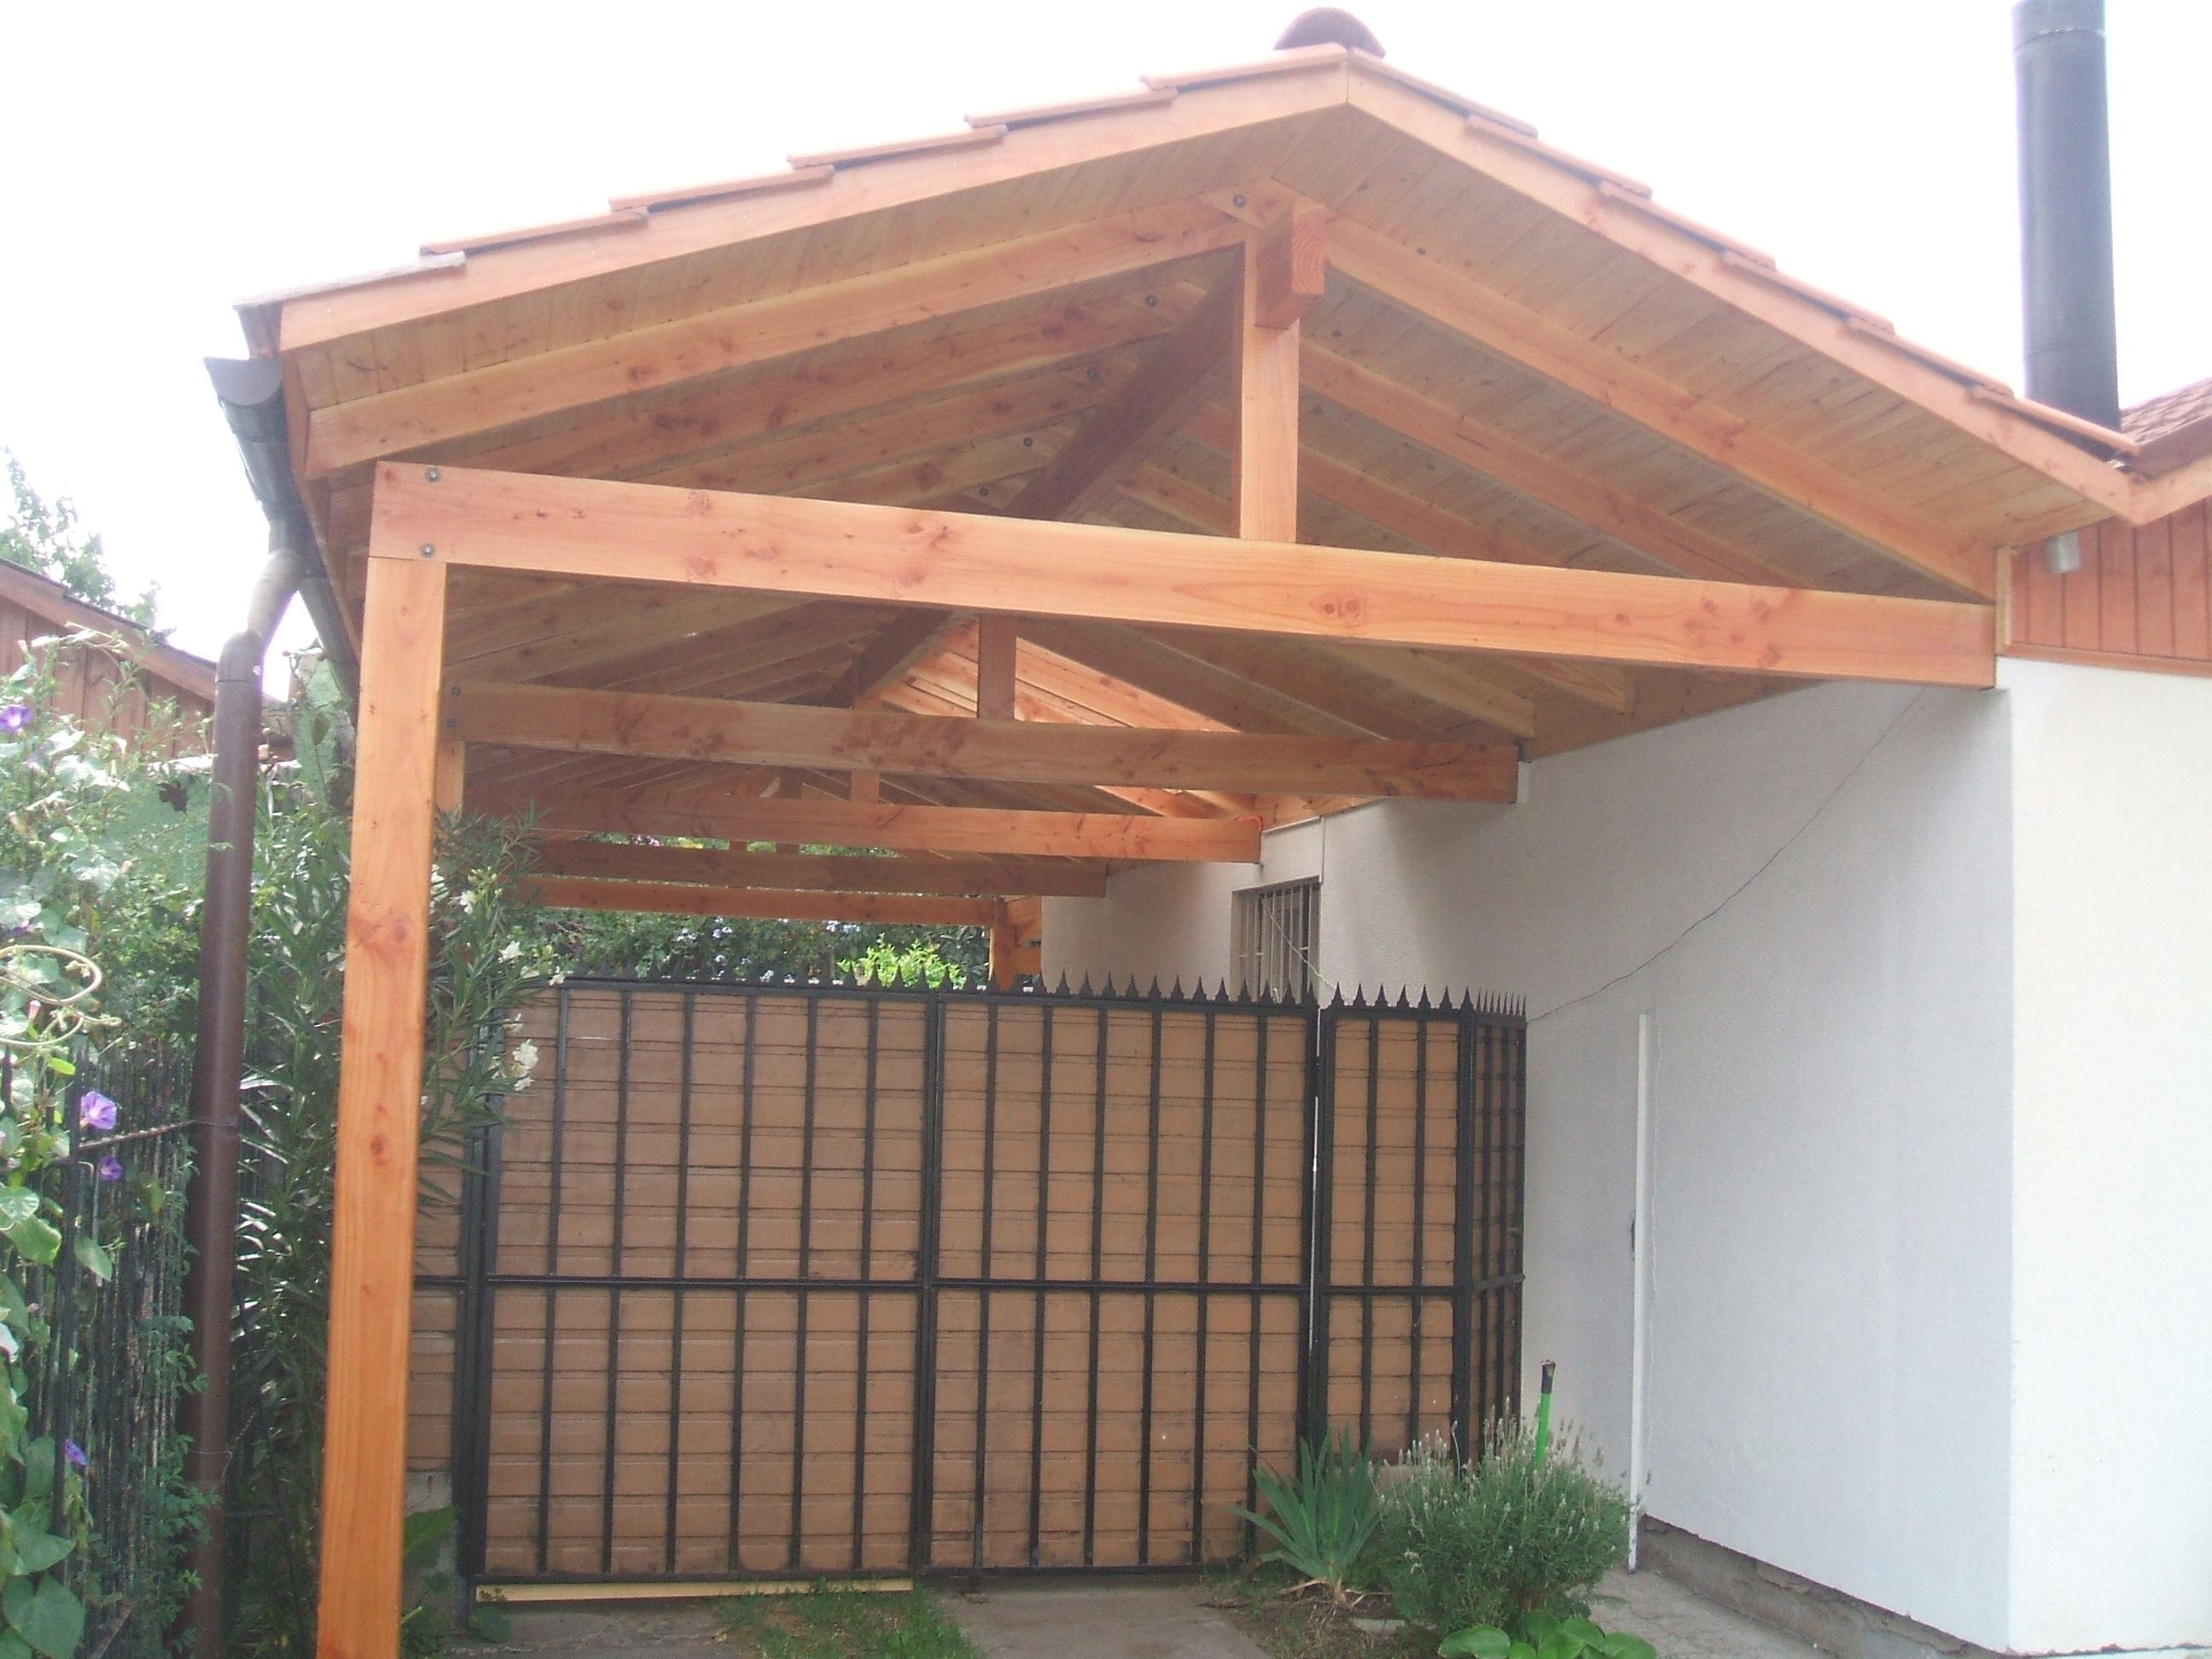 Creacion construcciones pergolas y dise os for Casas con cobertizos